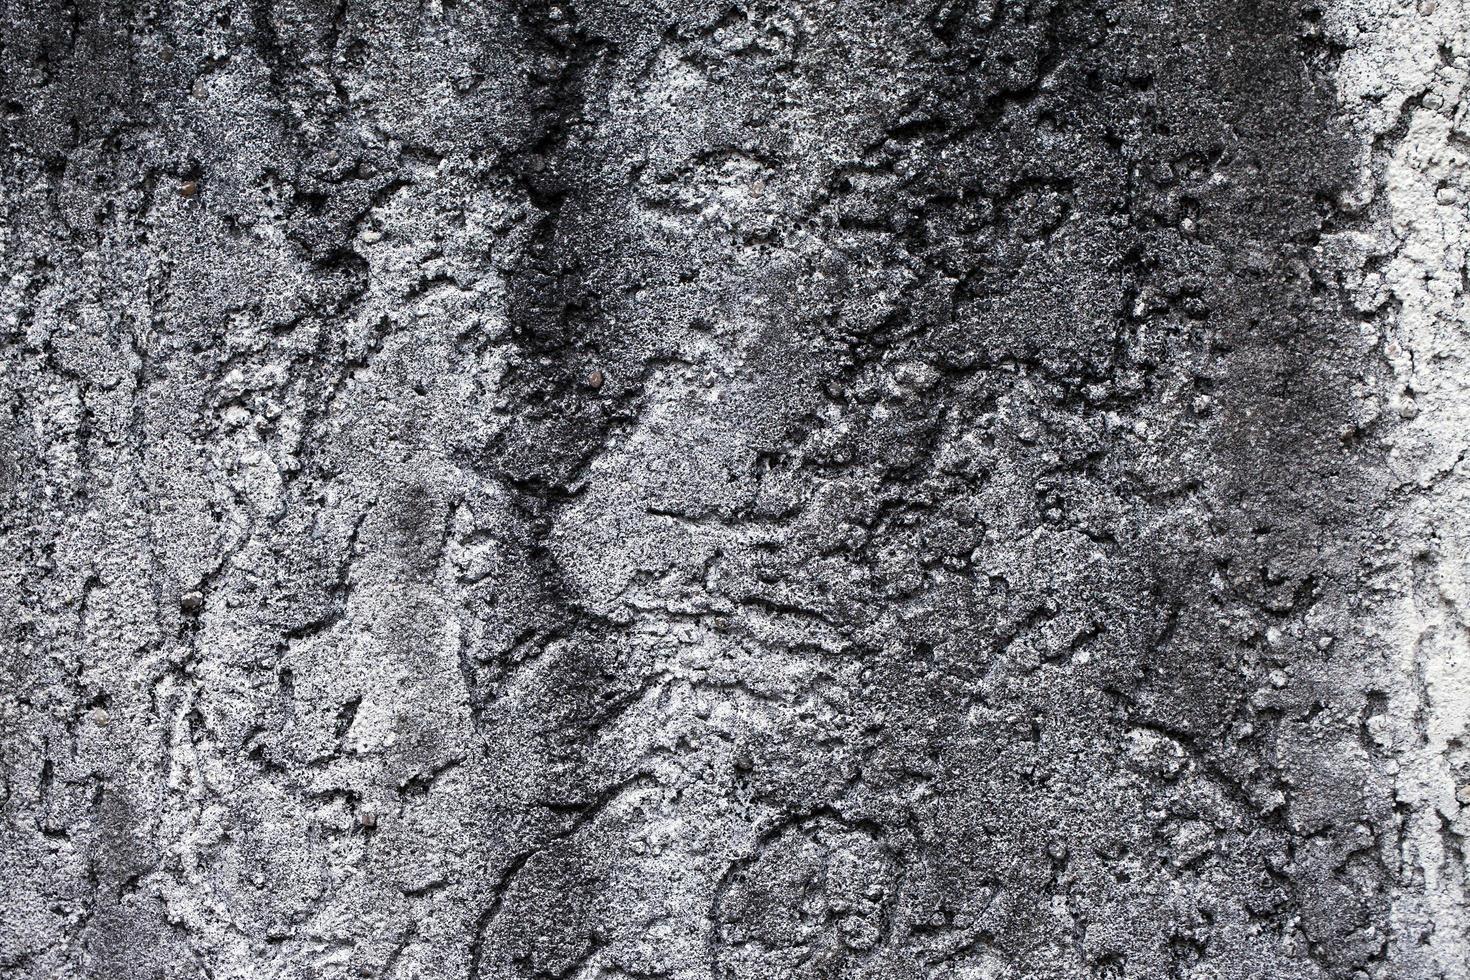 Abstract grunge sale mur de pierre fissurée fond photo